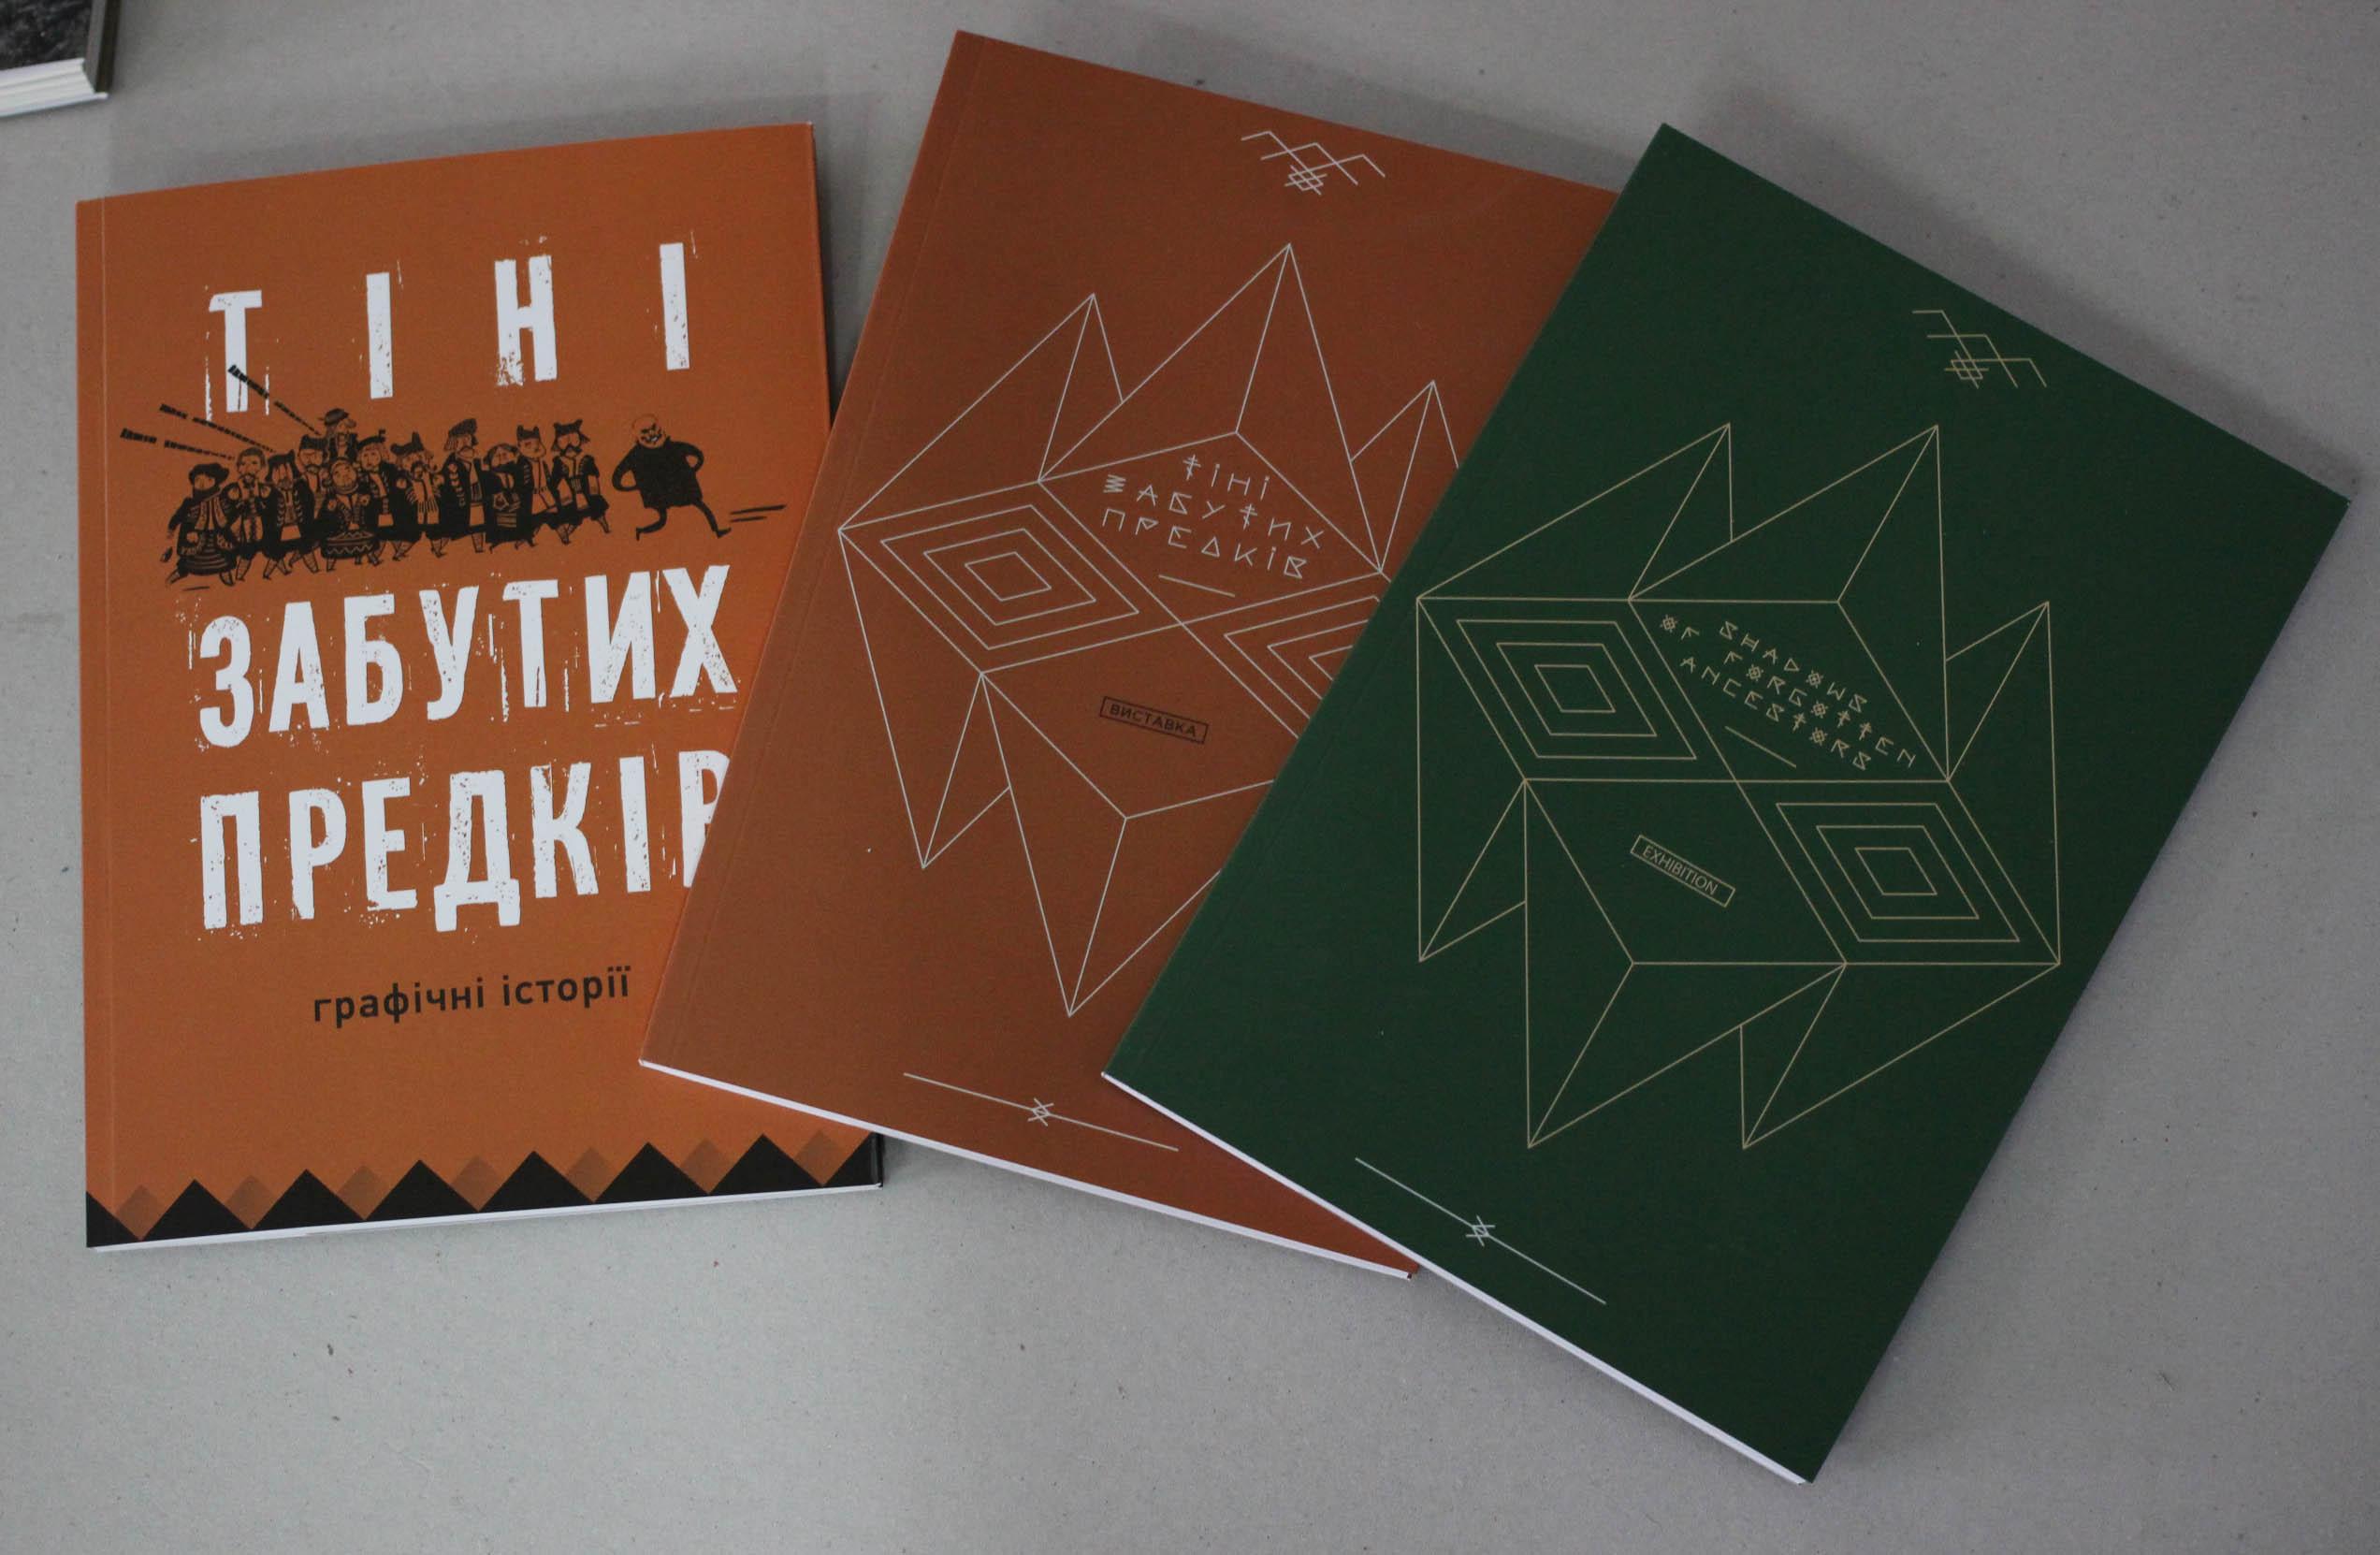 Друк каталогів - типографія huss